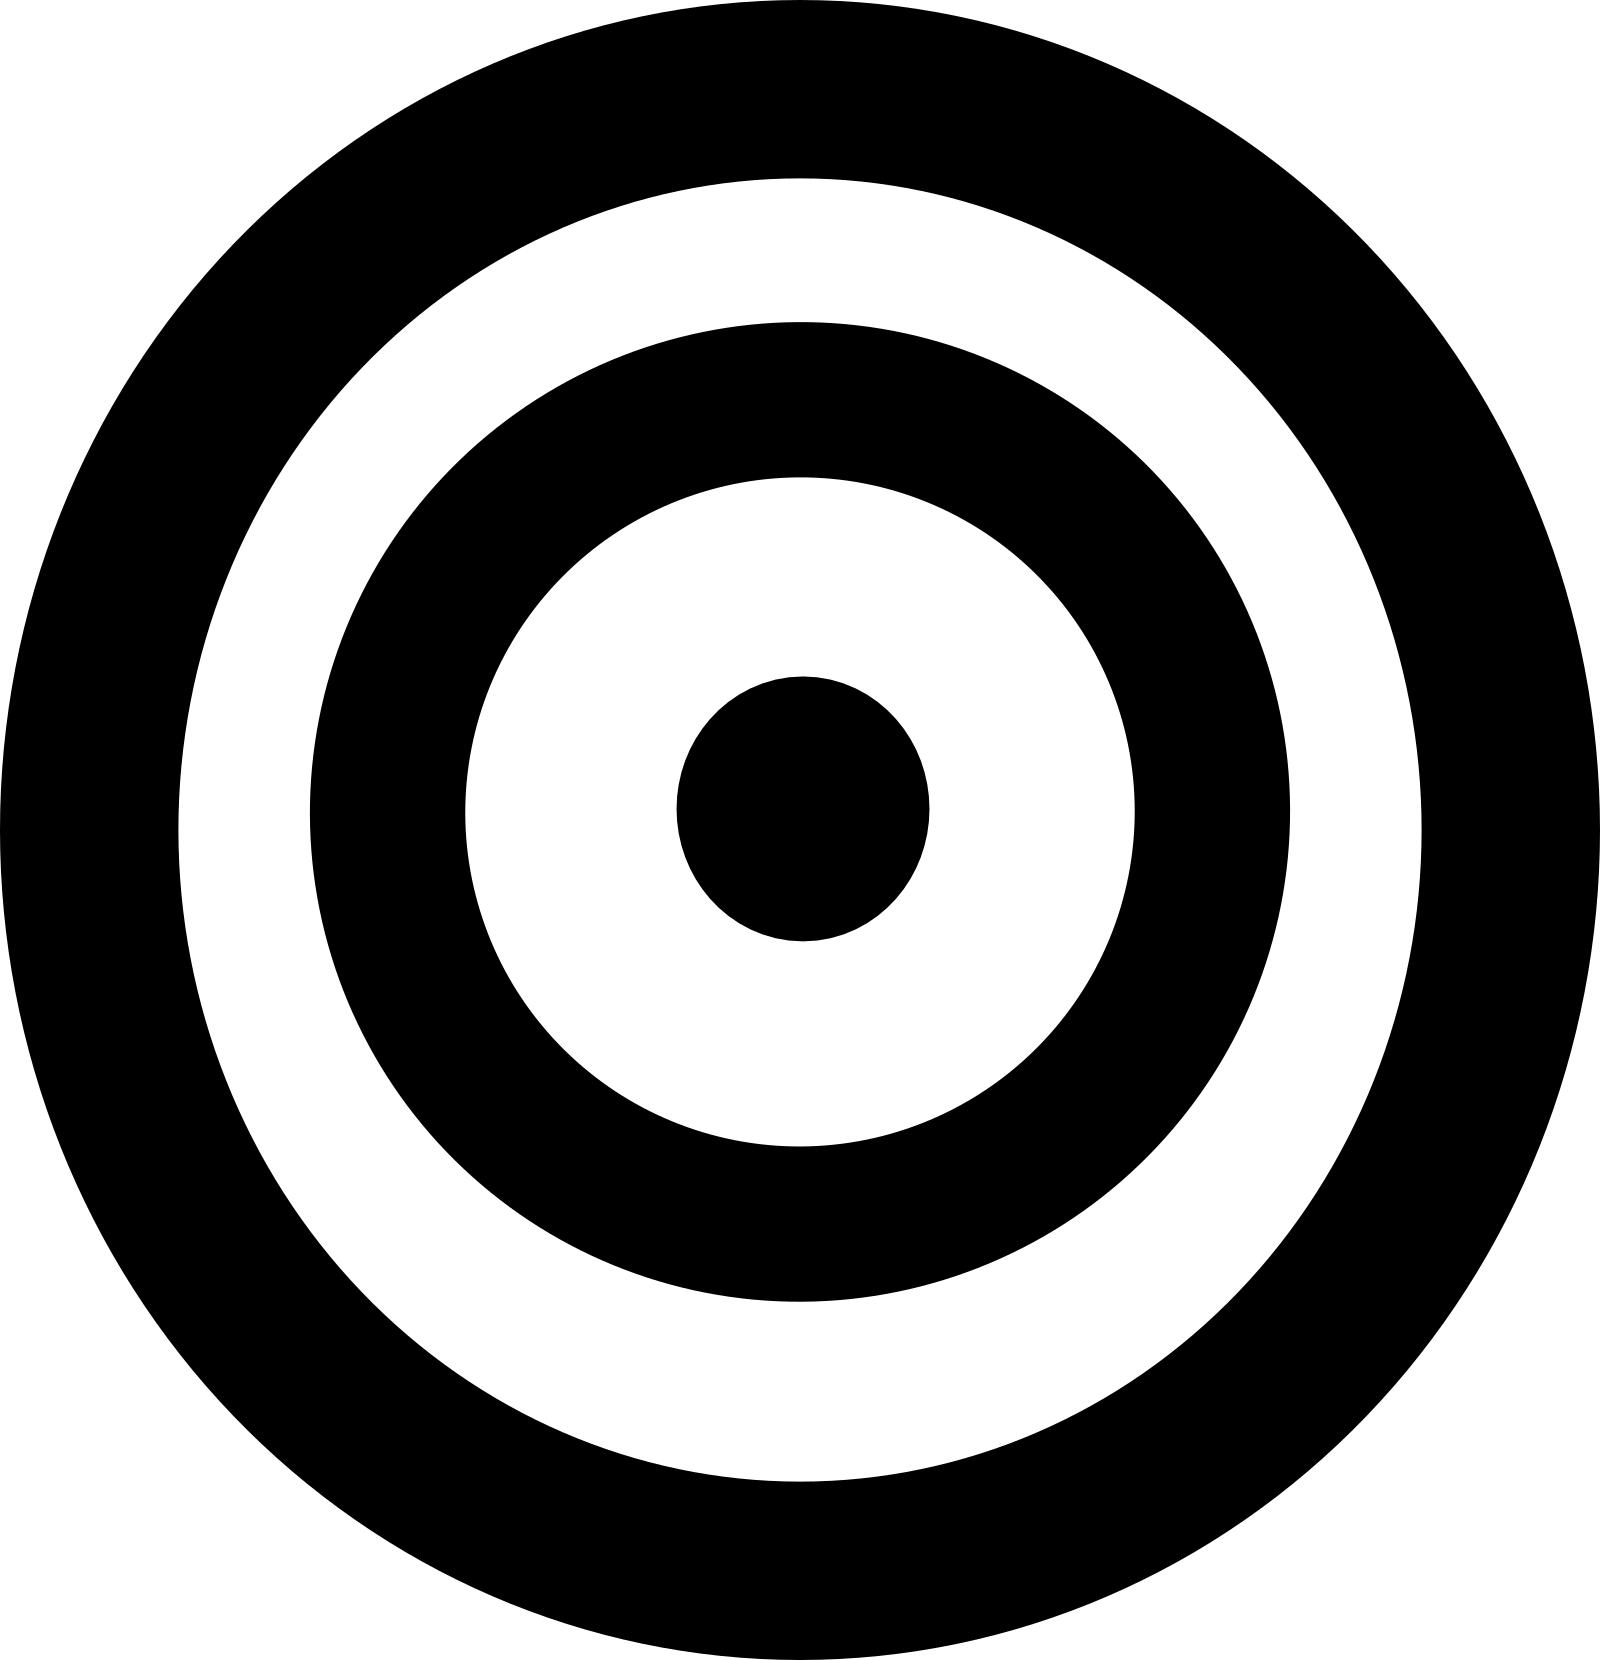 roda-giro-solidario-branco-2